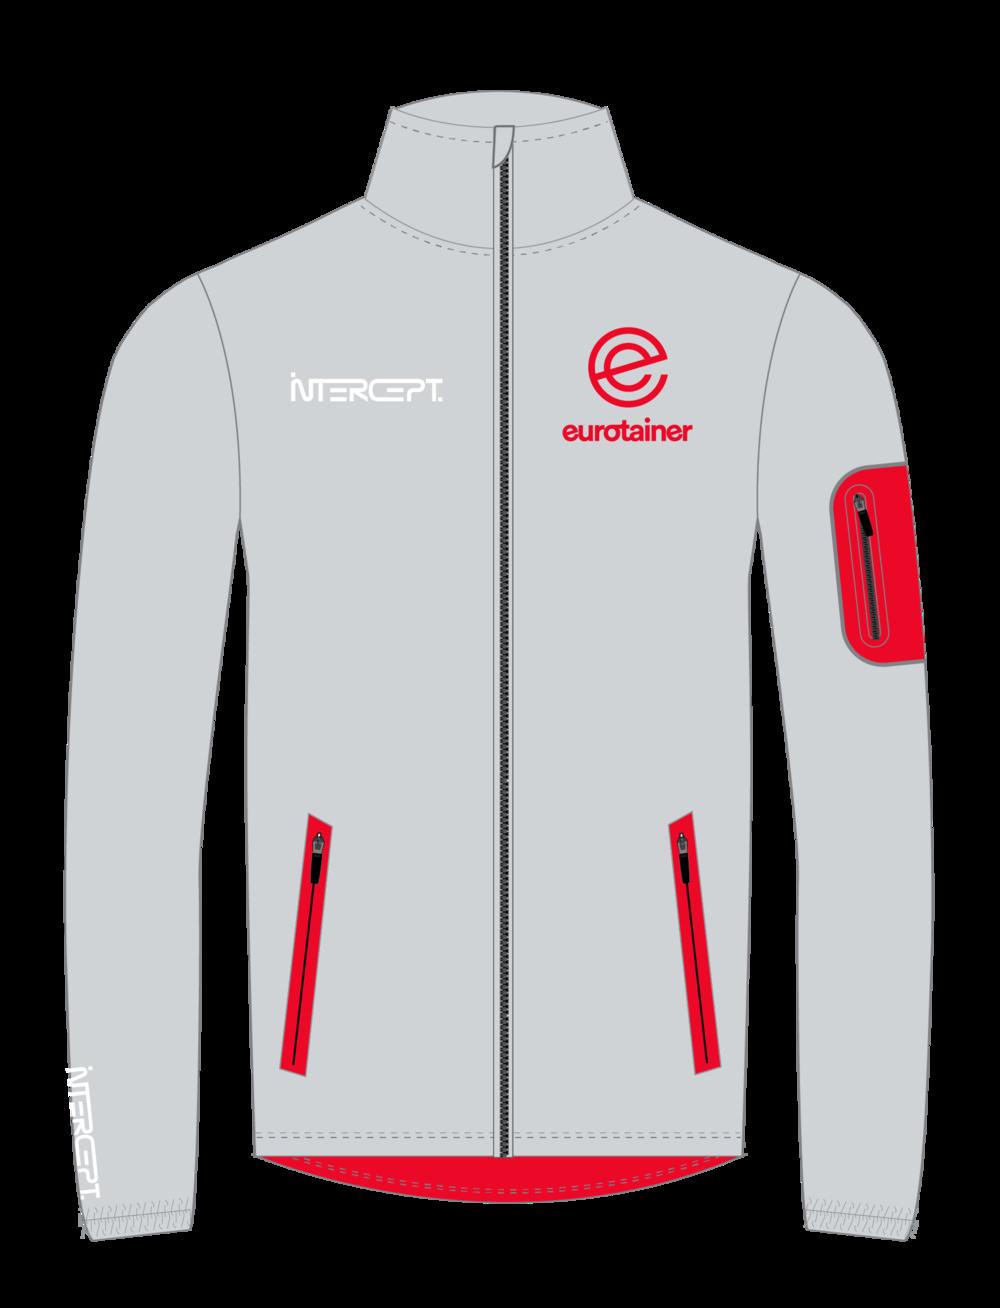 eurojacket-01.png